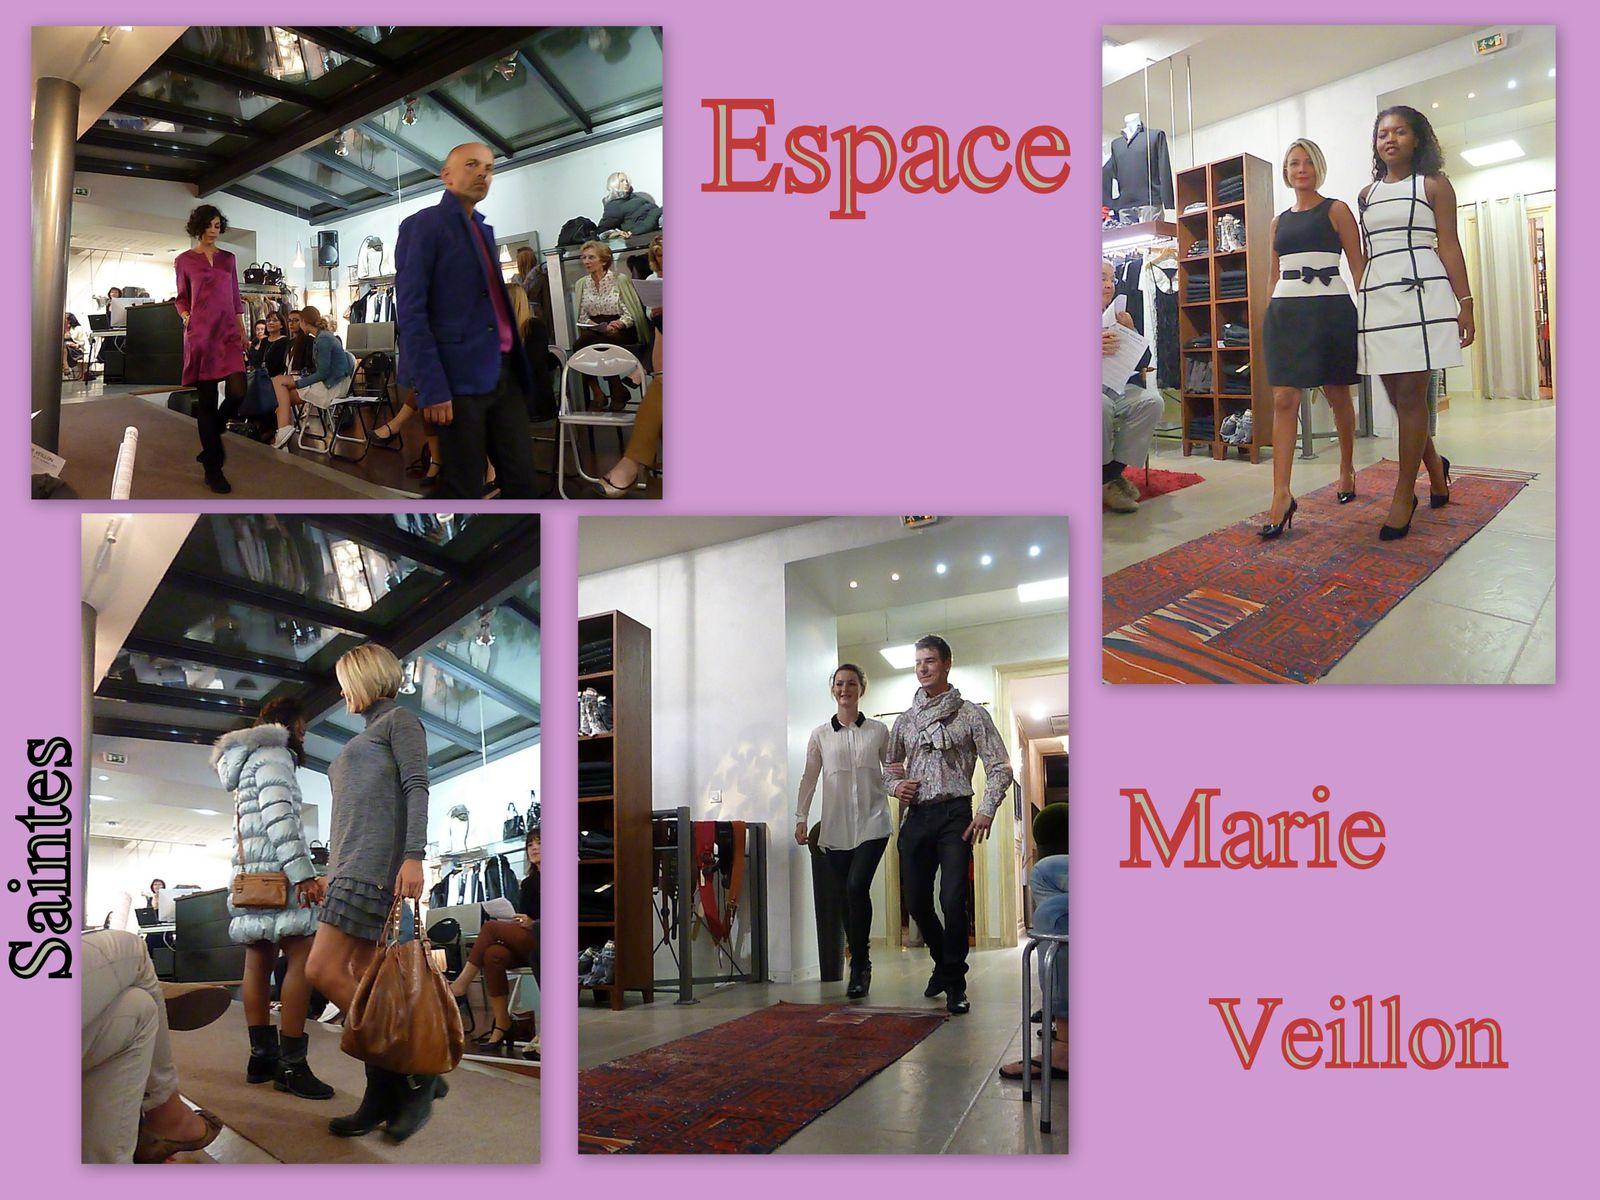 27 - Mode  &quot&#x3B; Espace Marie Veillon &quot&#x3B; Défilé - Programme flamboyant pour une cathédrale - Retraités chez Catherine Quéré